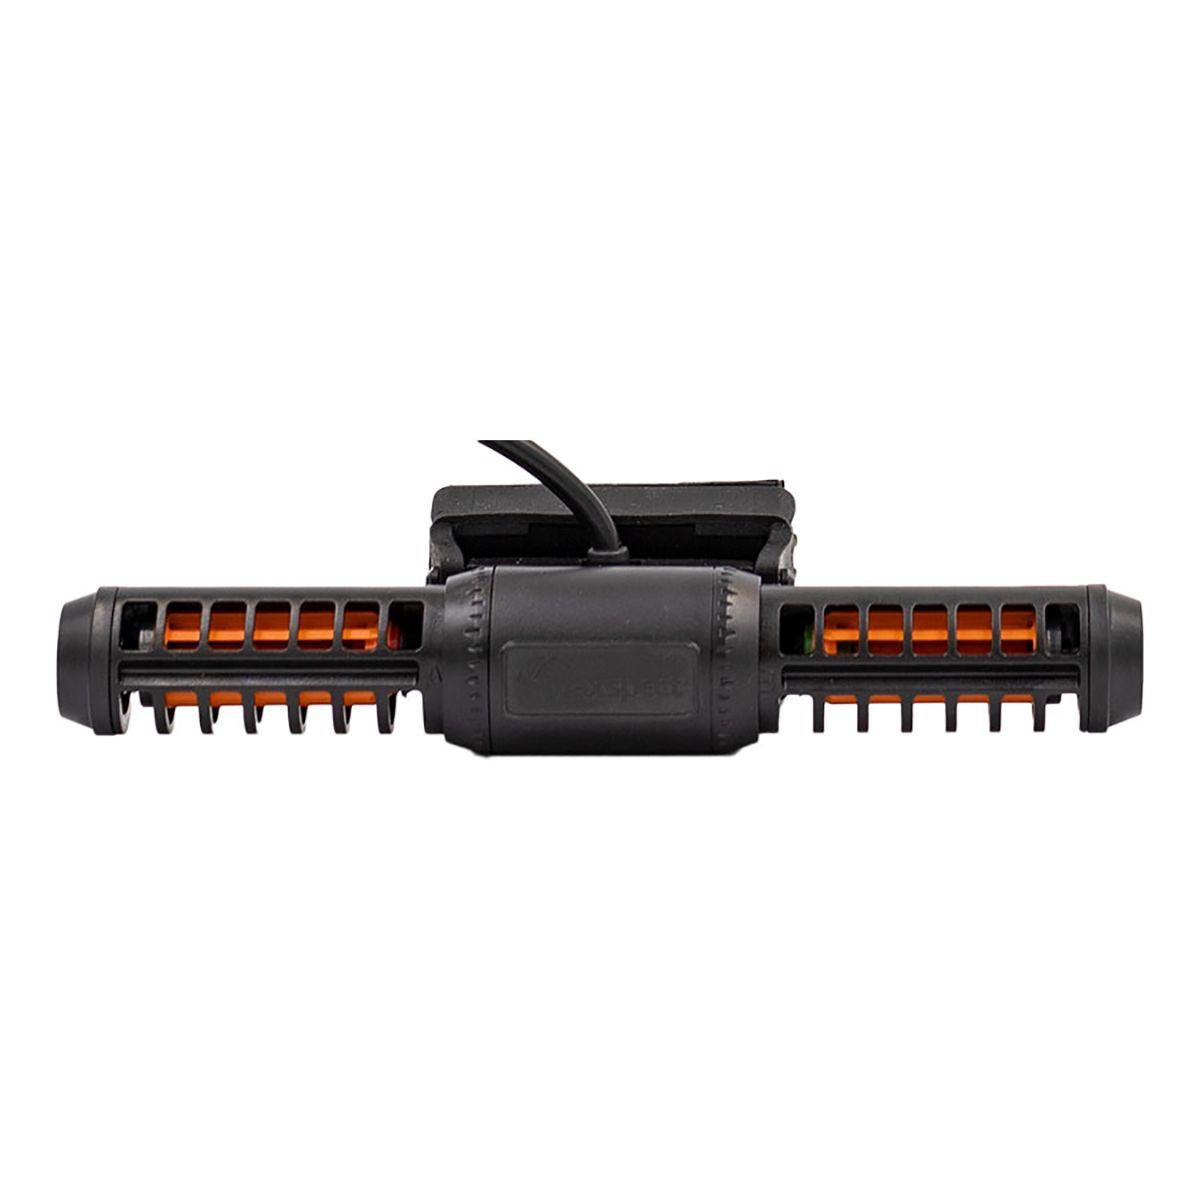 Bomba Circulação Glamorca Gyre Gp2 3600l/h Controle Digital